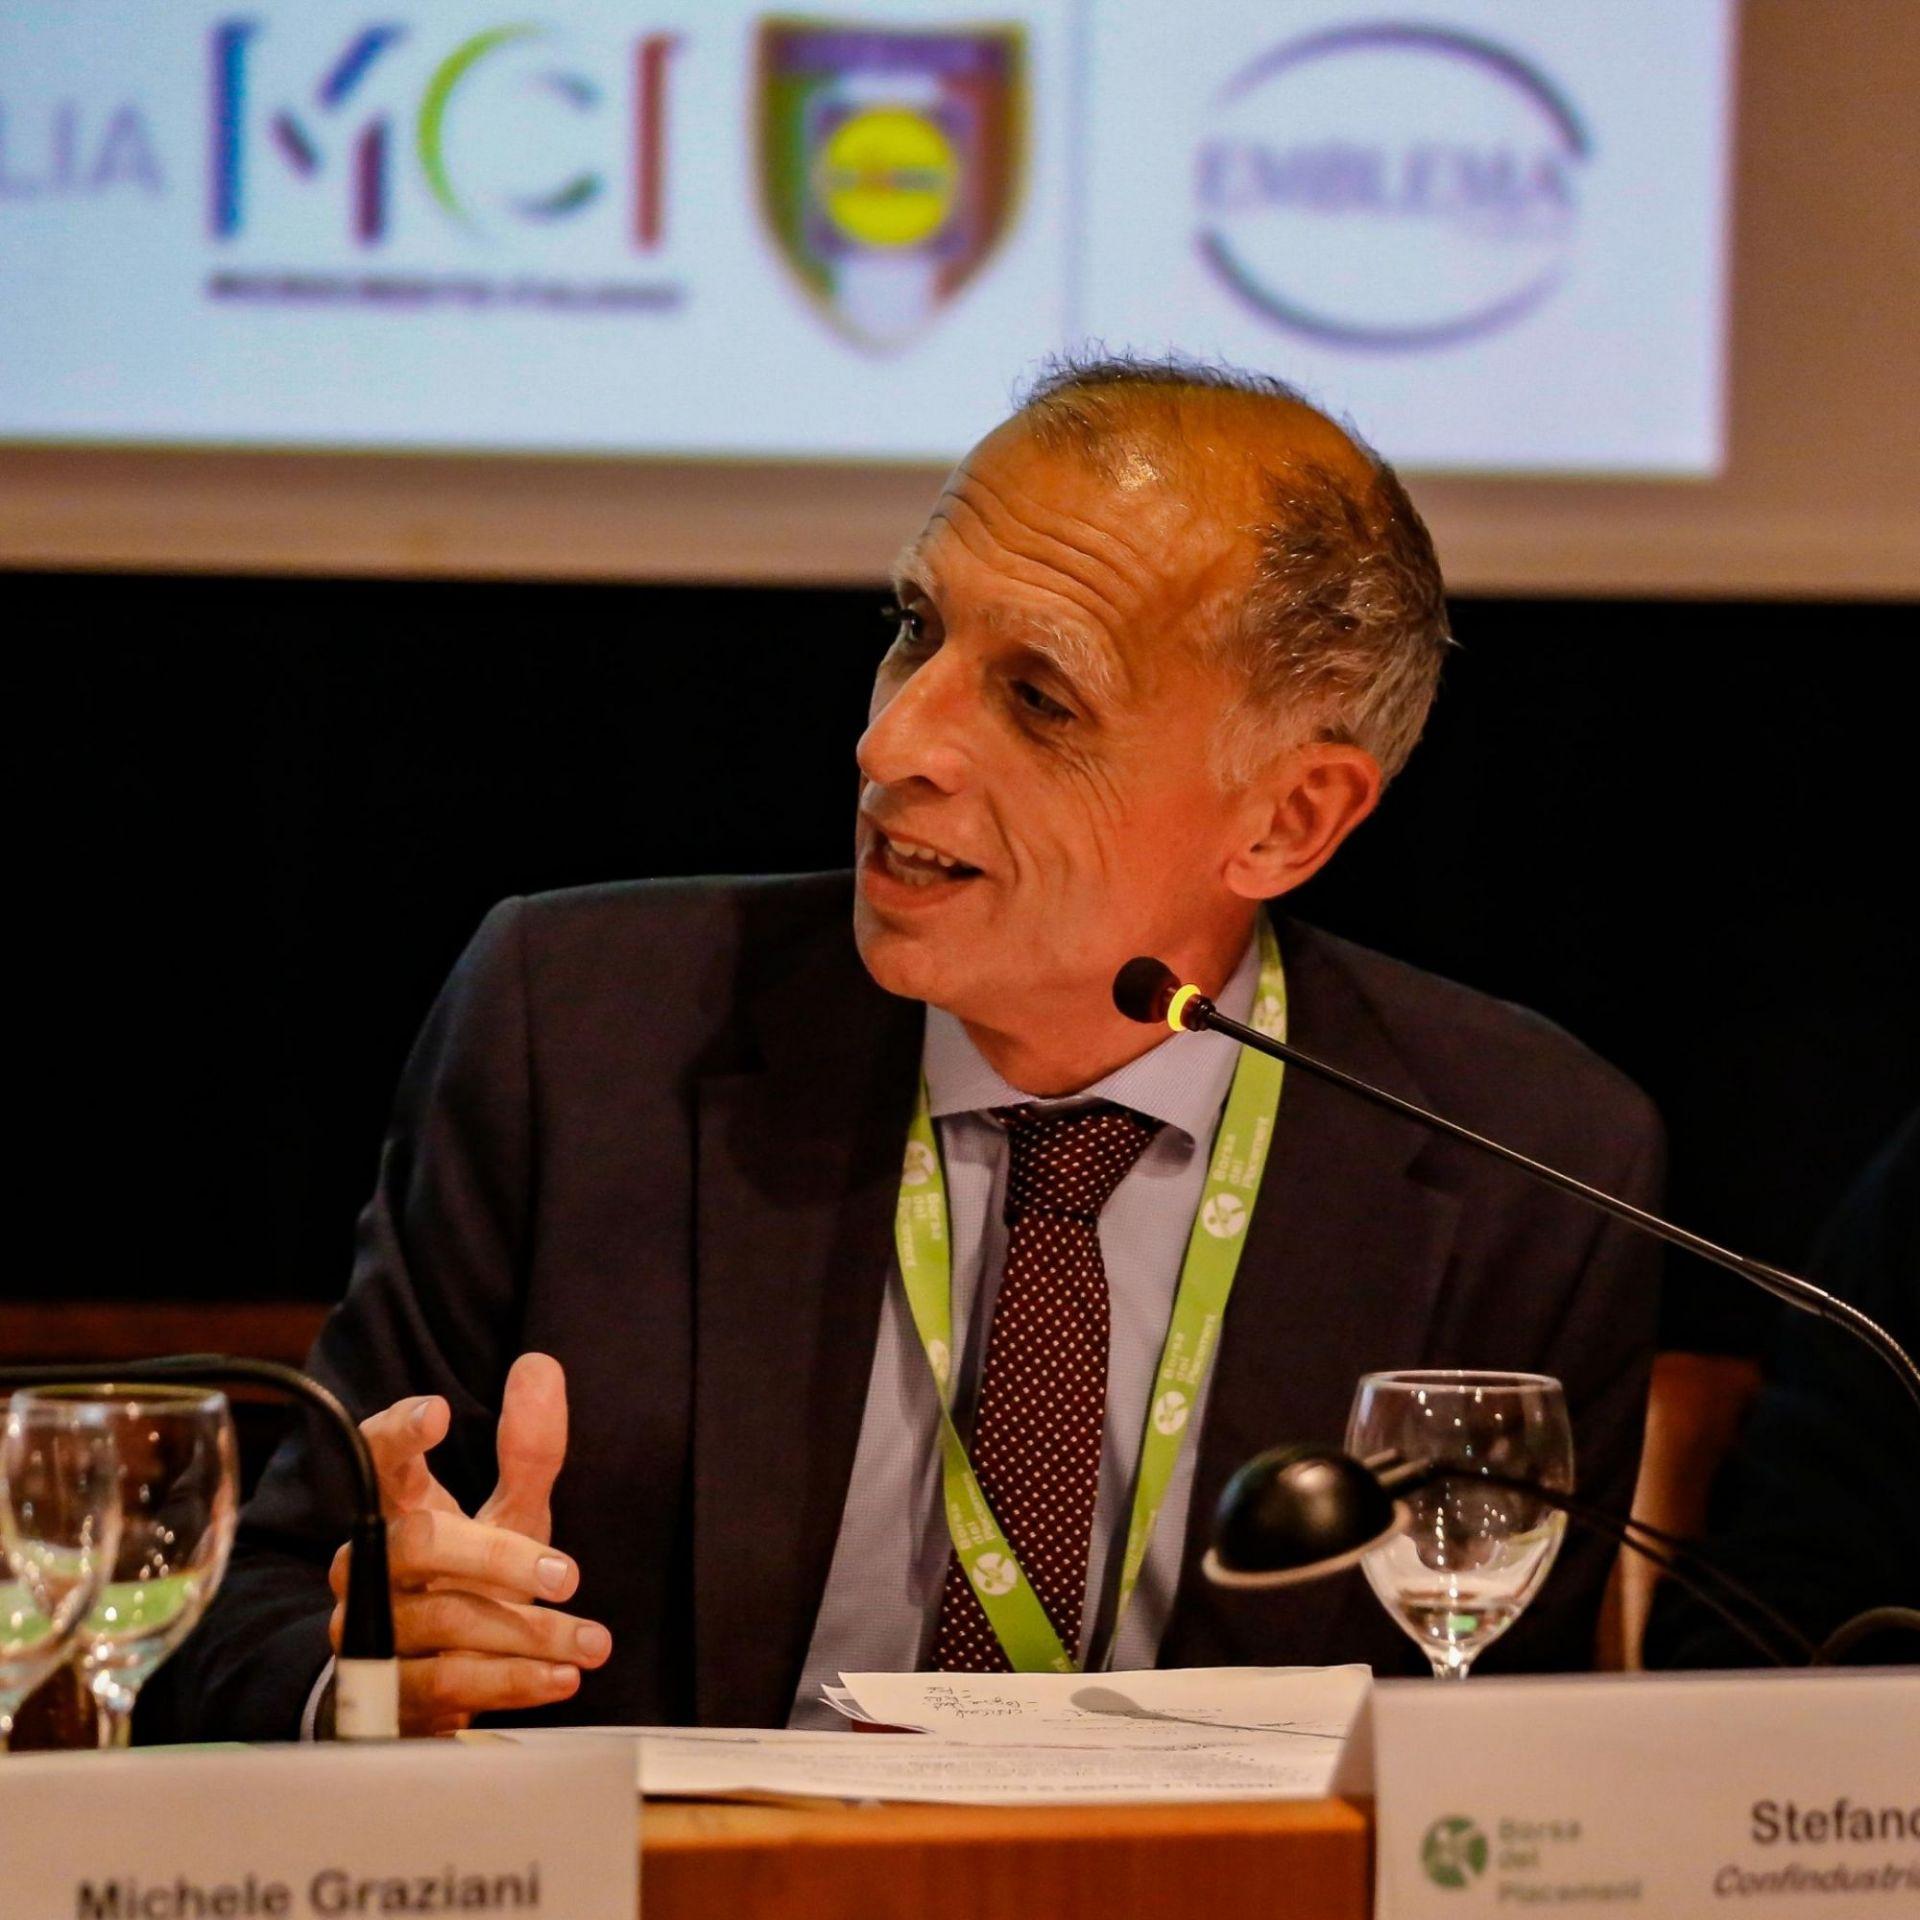 Stefano Miotto